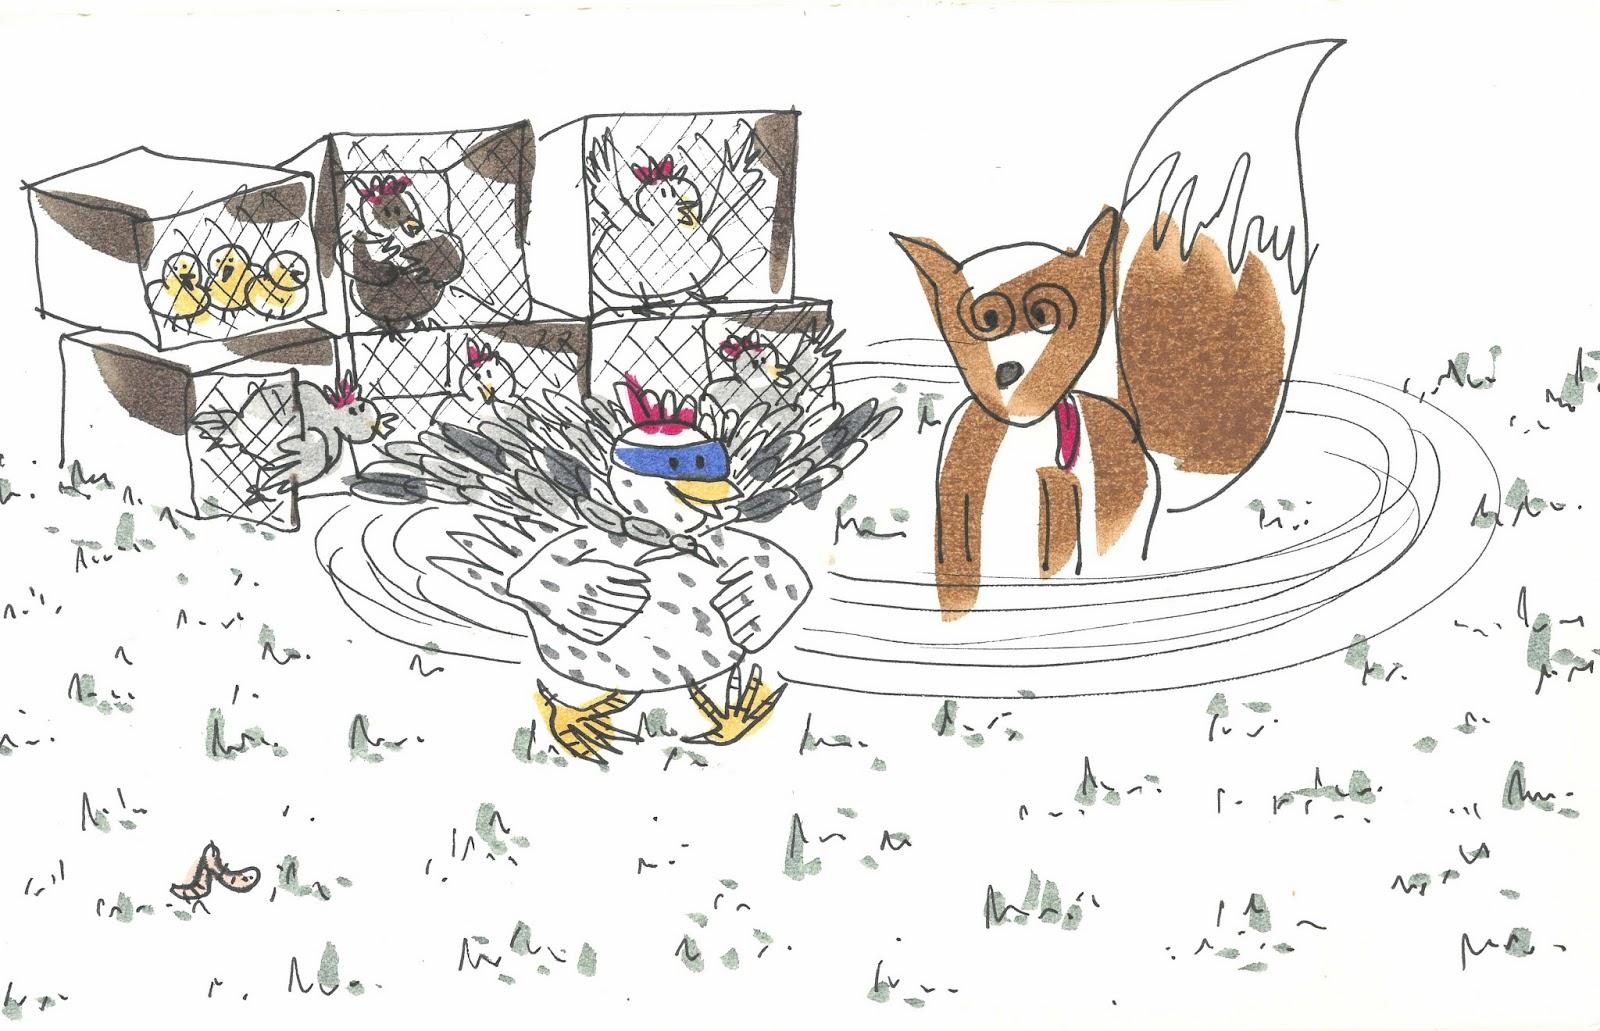 El Baño De Tina Y Leo Cuento Audiocuento Y Lámina Para: La Gallina Superhéroe